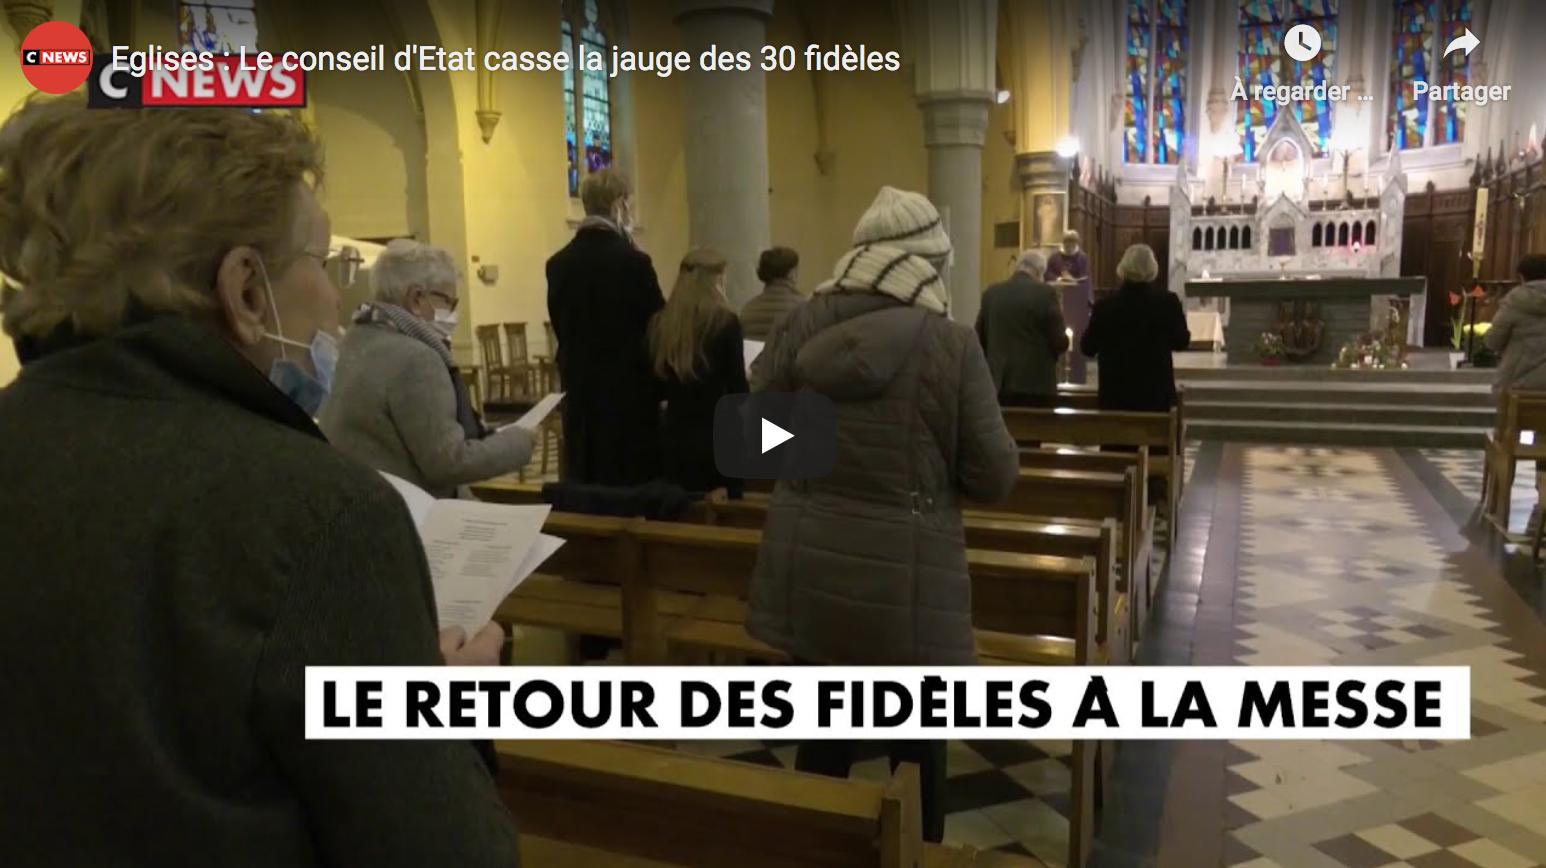 Église catholique : Le conseil d'État casse la jauge des 30 fidèles